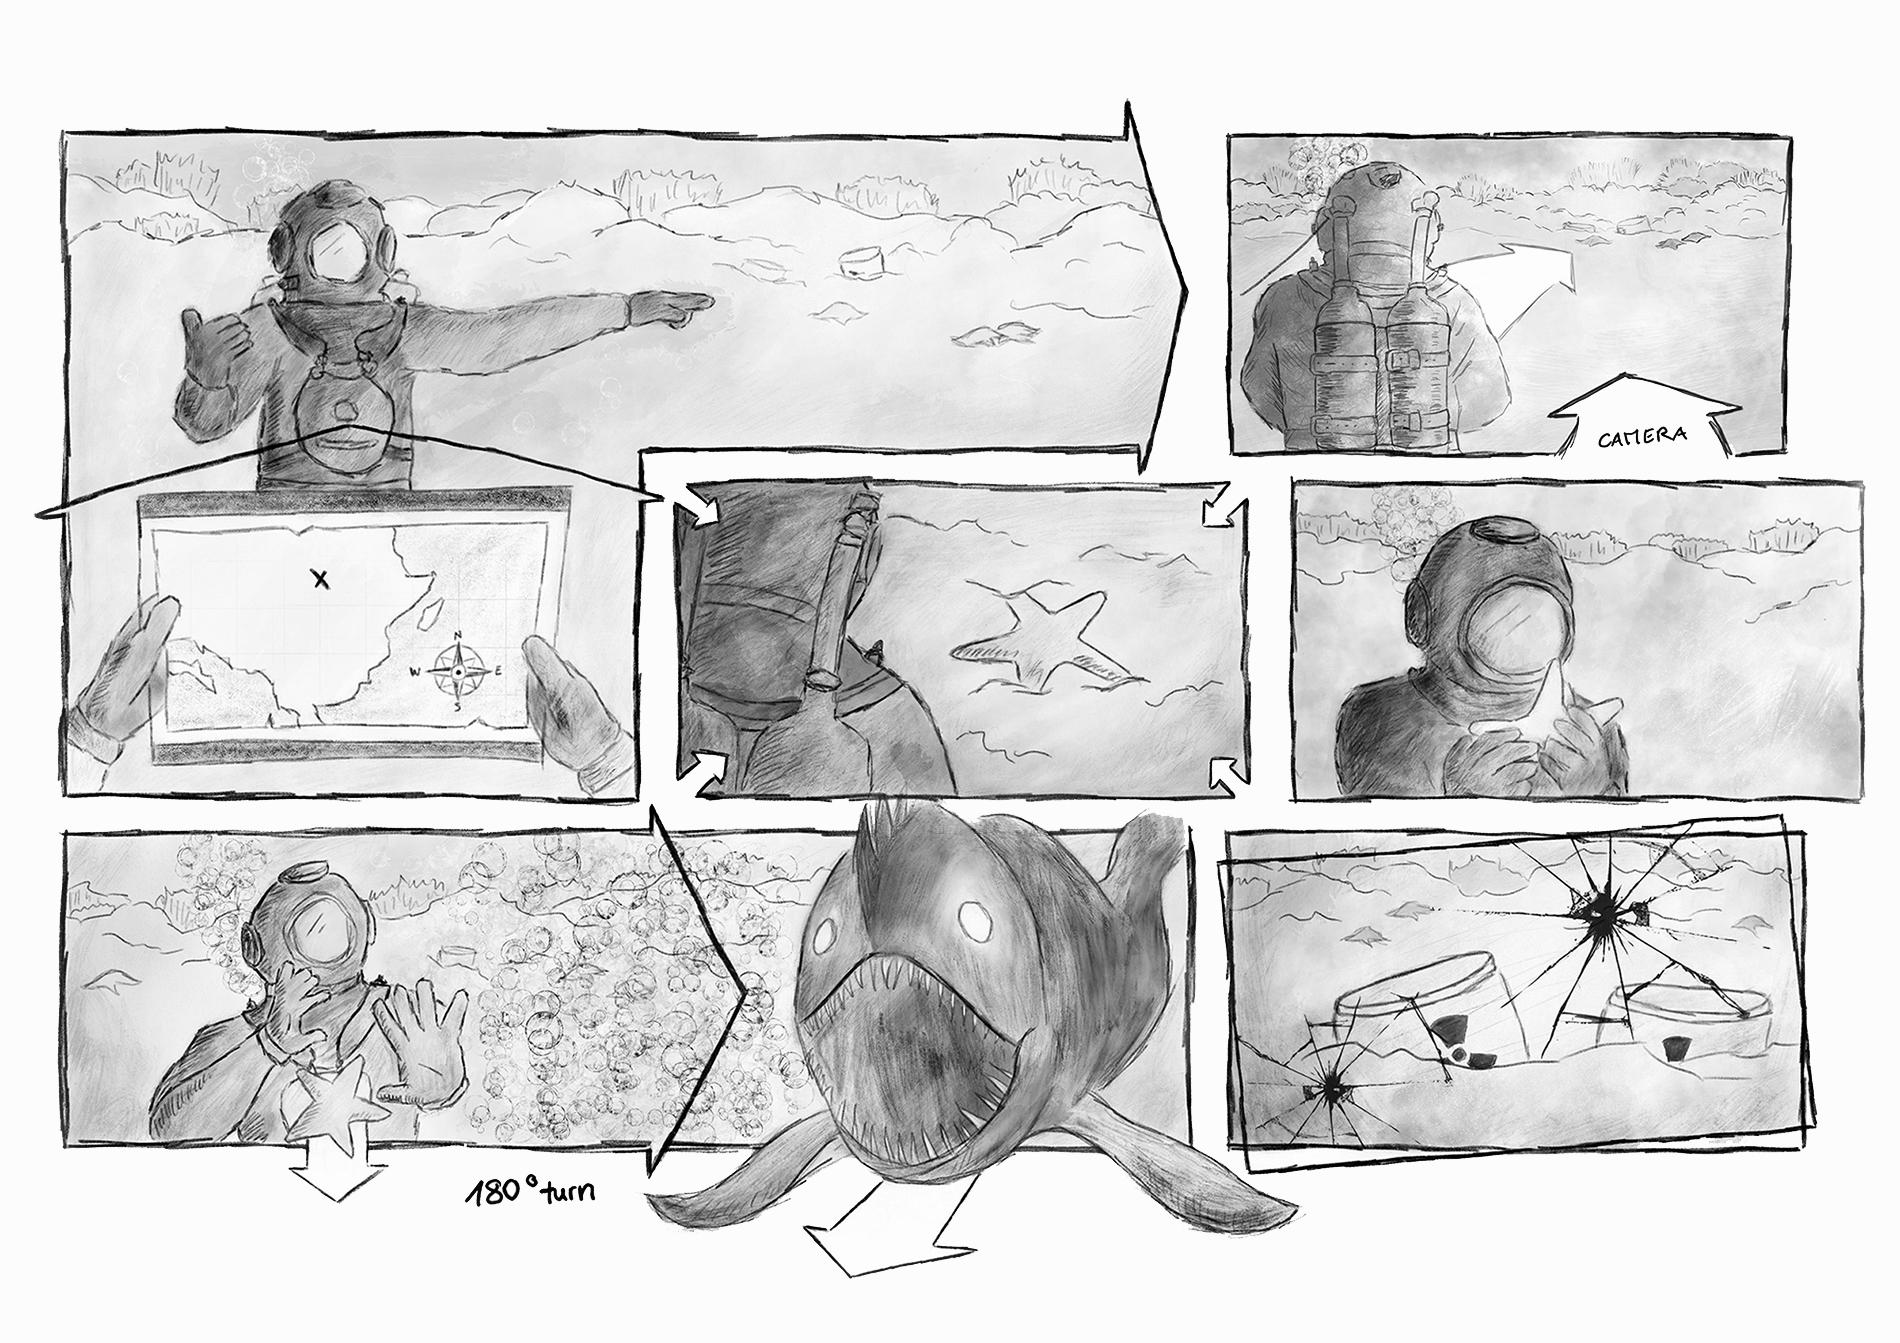 Storyboard Fortschritt 2: Schwarzweiss-Skizze mit mehr Details